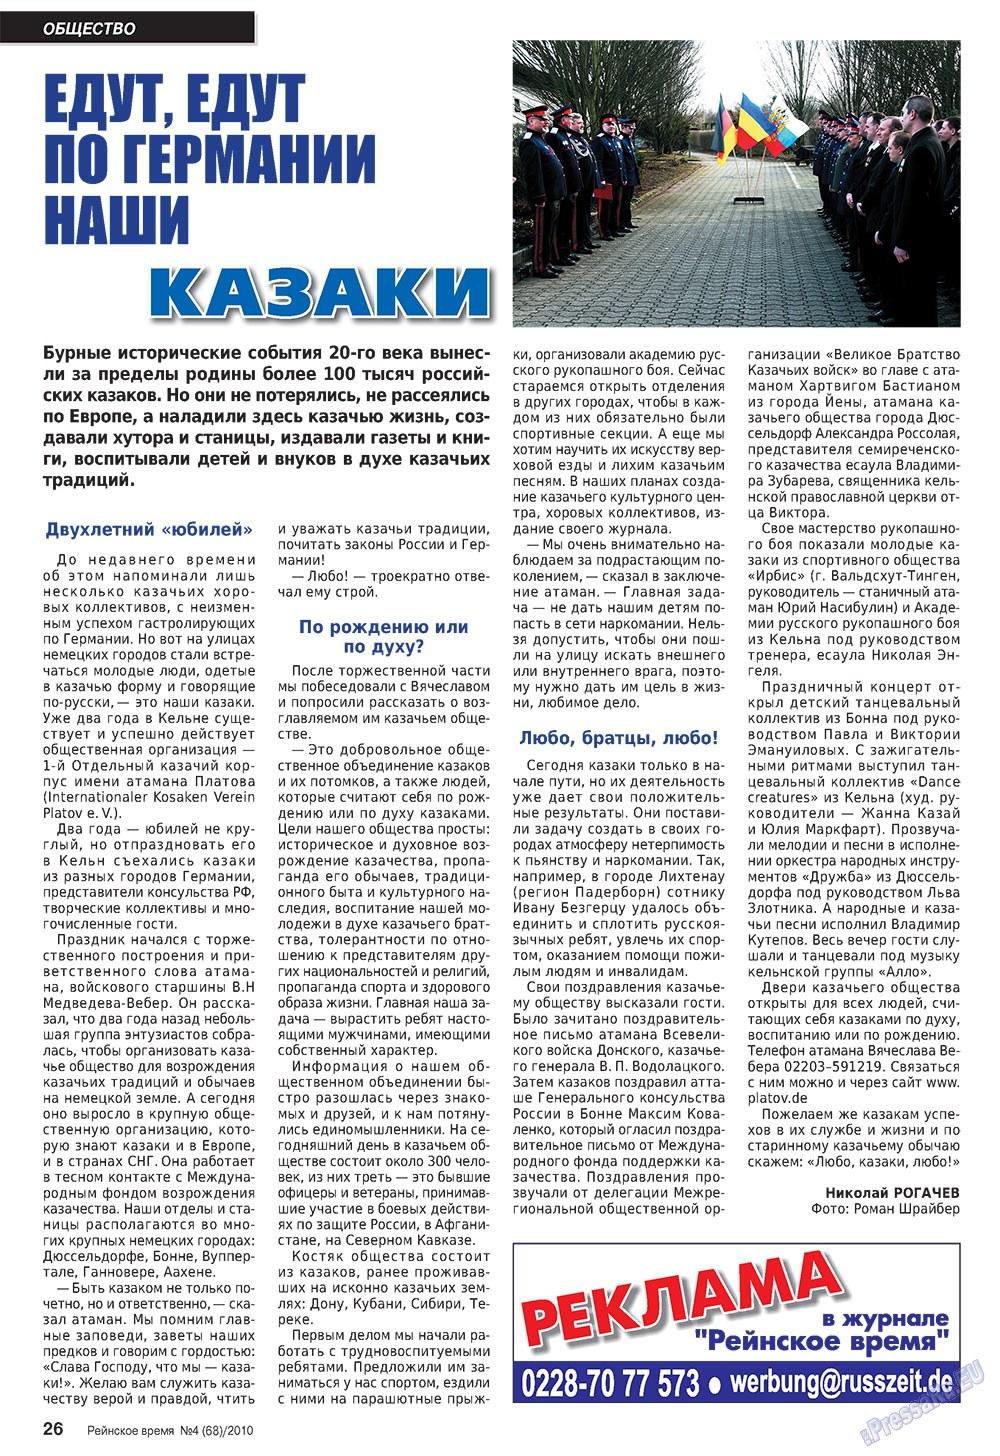 Рейнское время (журнал). 2010 год, номер 4, стр. 26